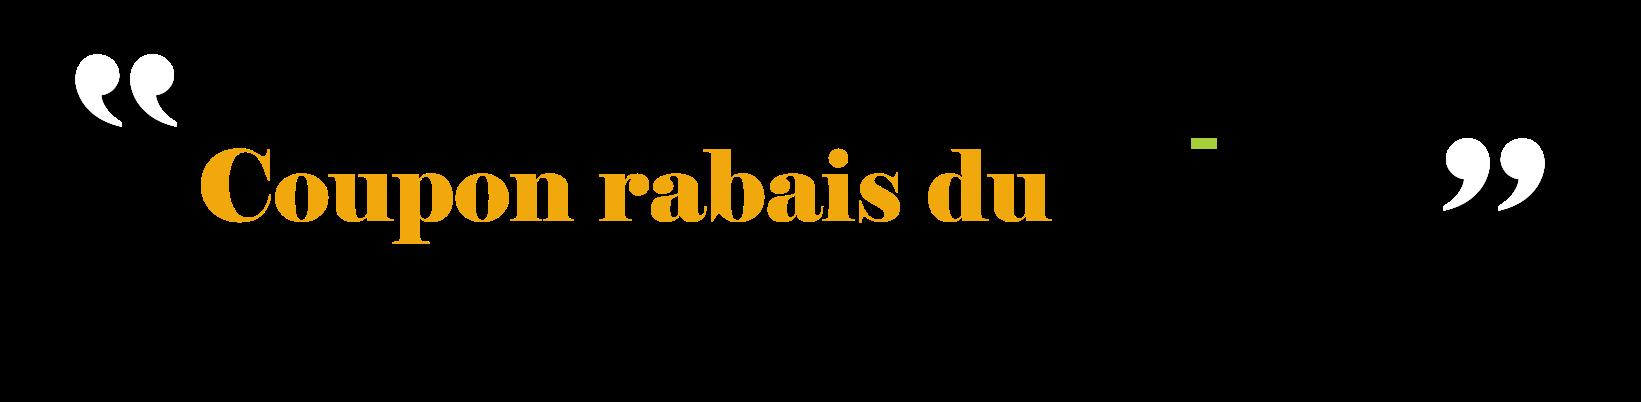 Coupon Rabais Diac